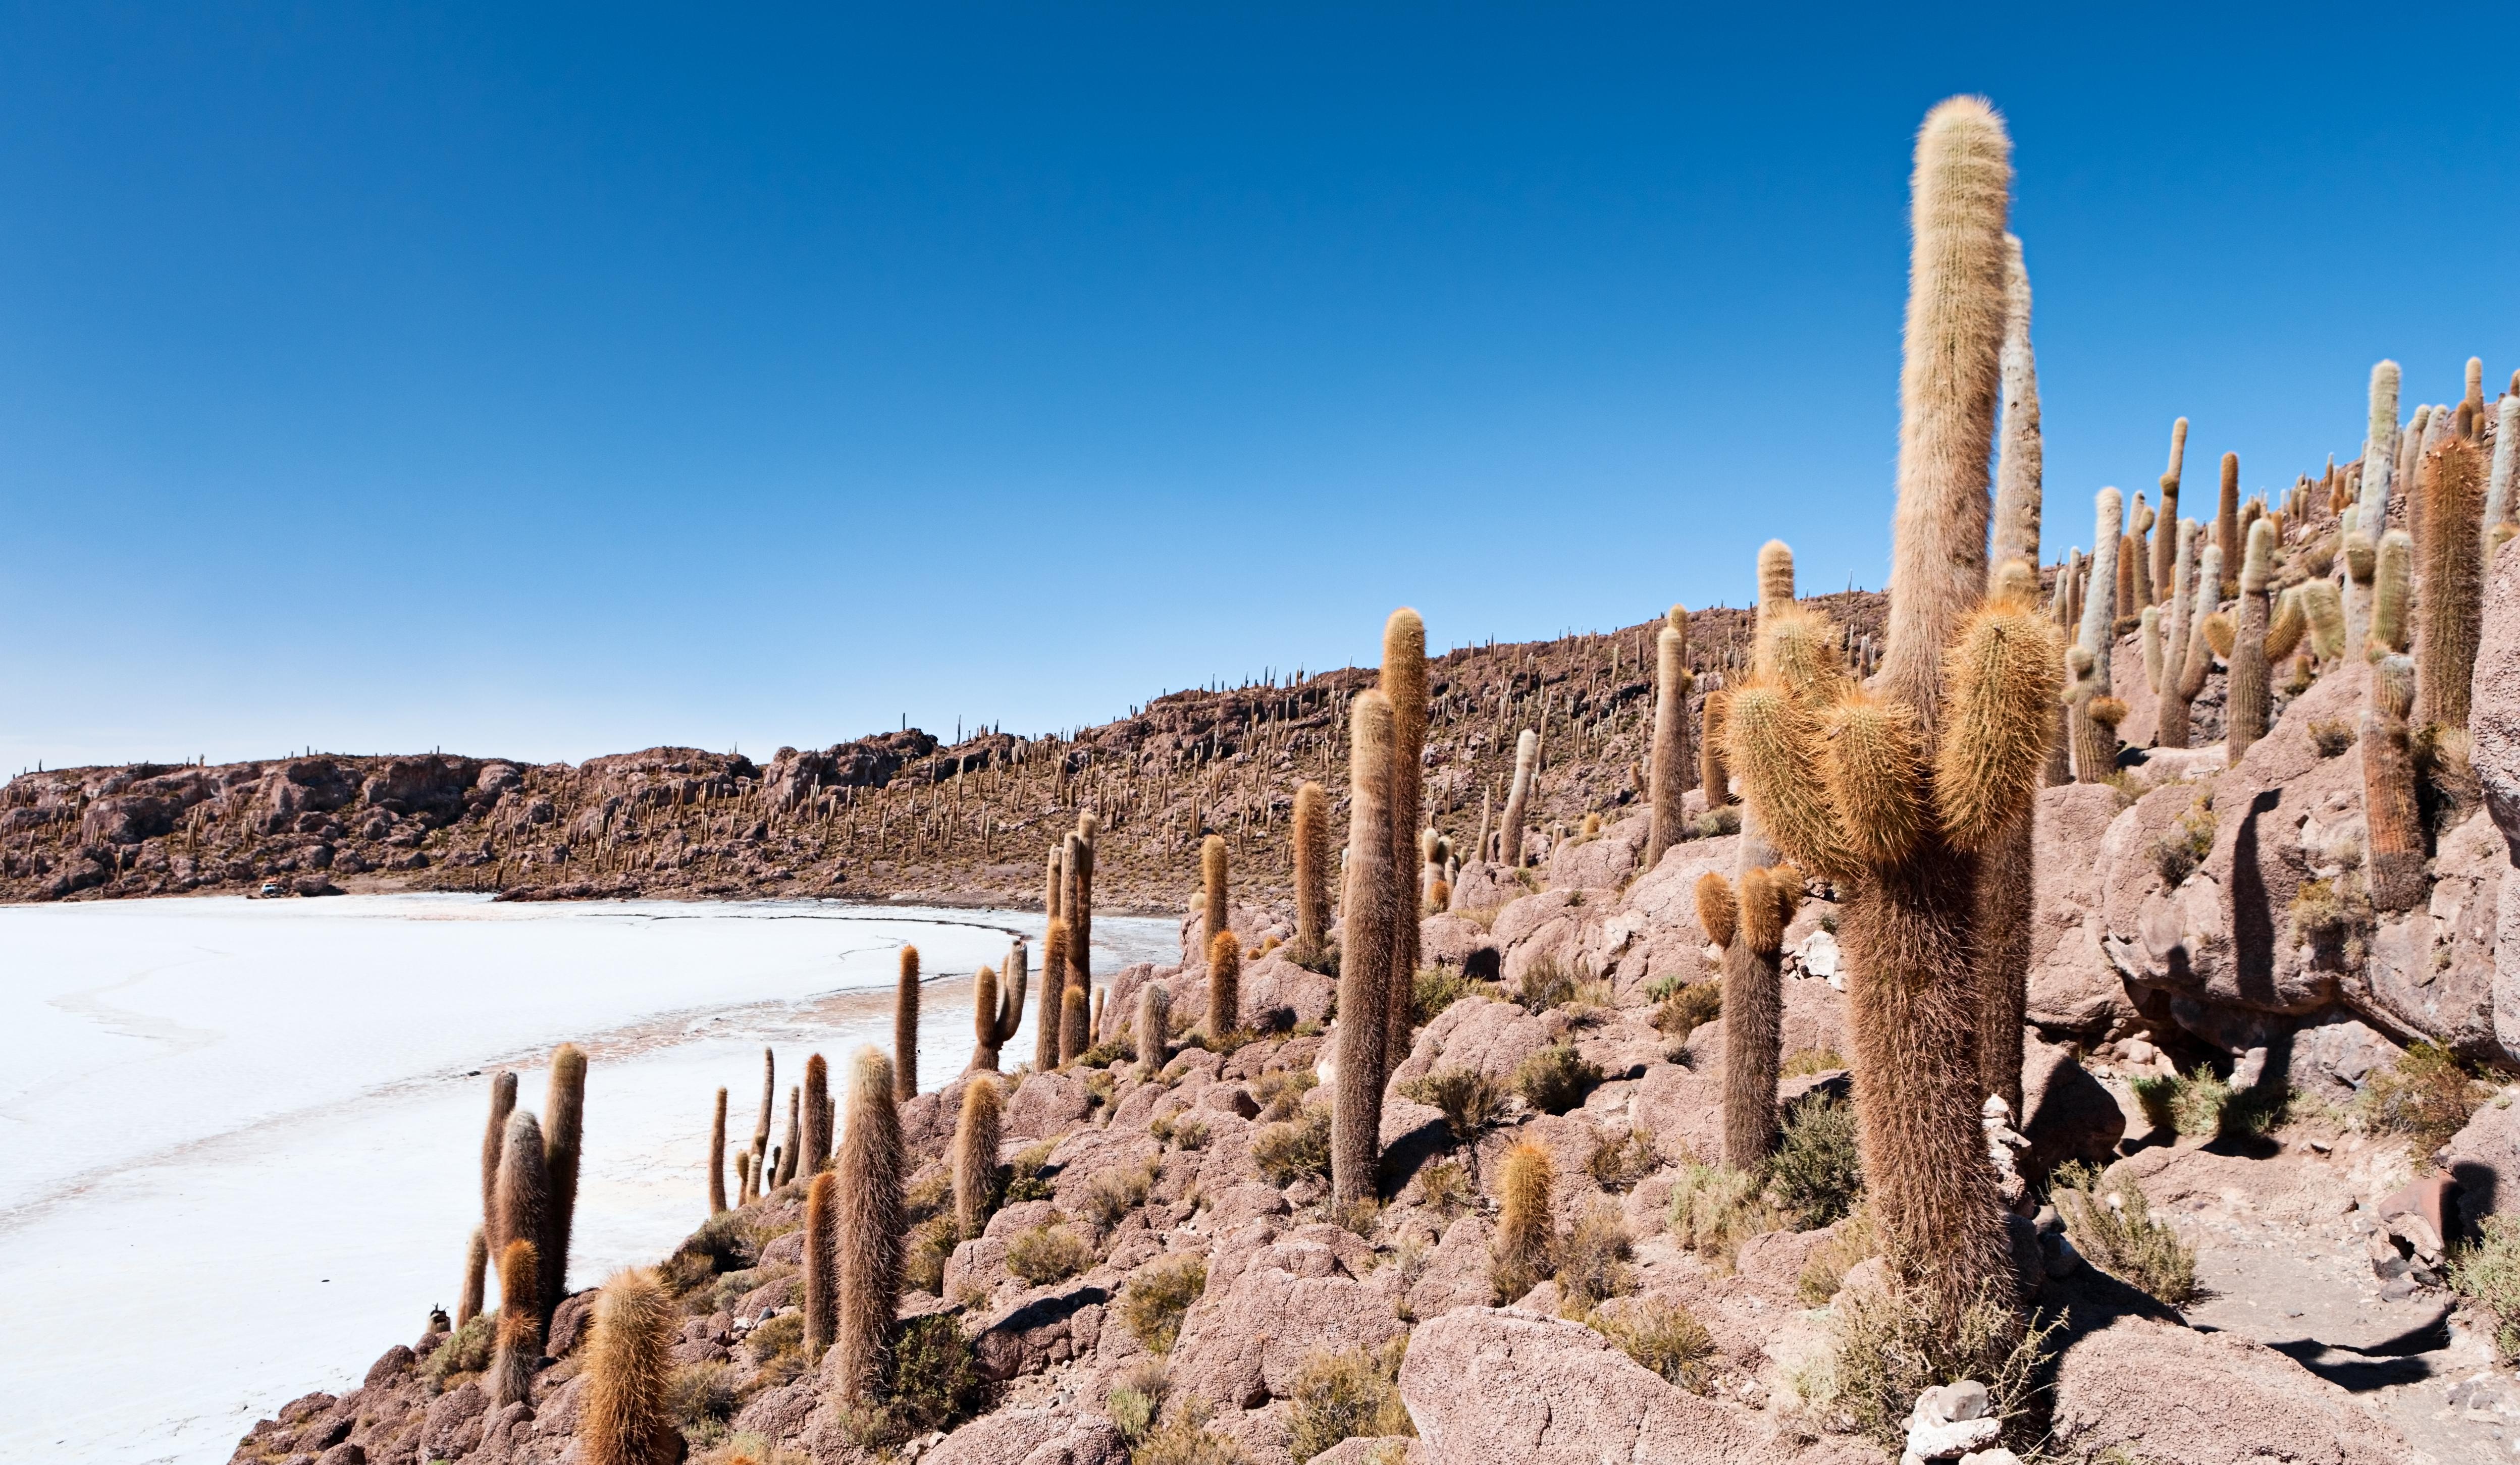 El secreto mejor guardado del Salar de Uyuni - Perú Gran Viaje Lo mejor de Bolivia y Perú